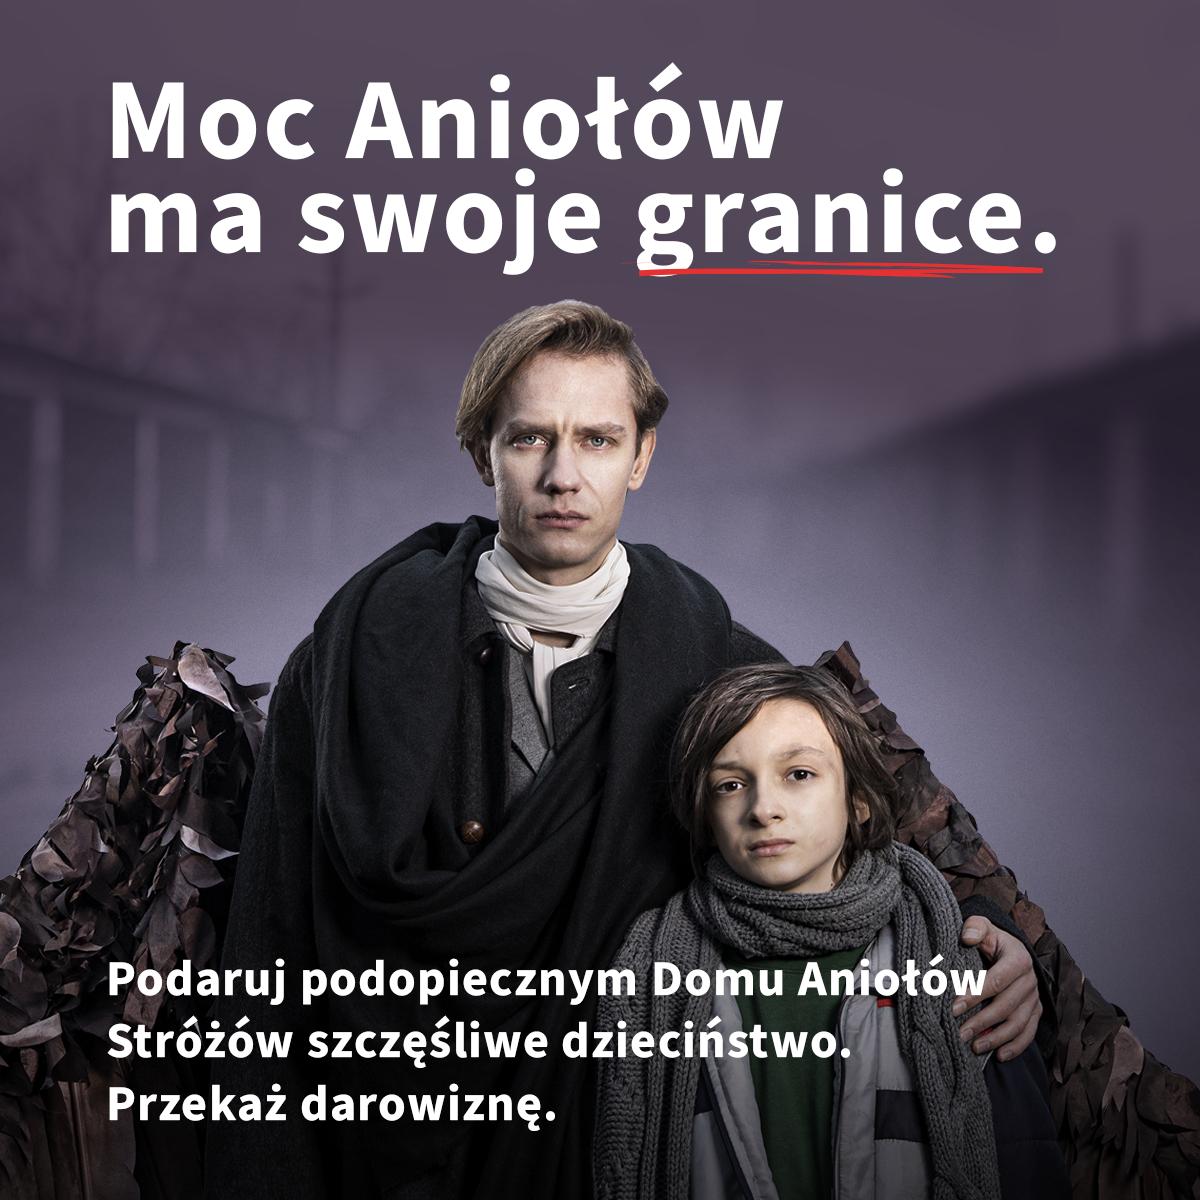 Moc Aniolow ma swoje granice Przekaz darowizne na Dom Aniolow Strozow